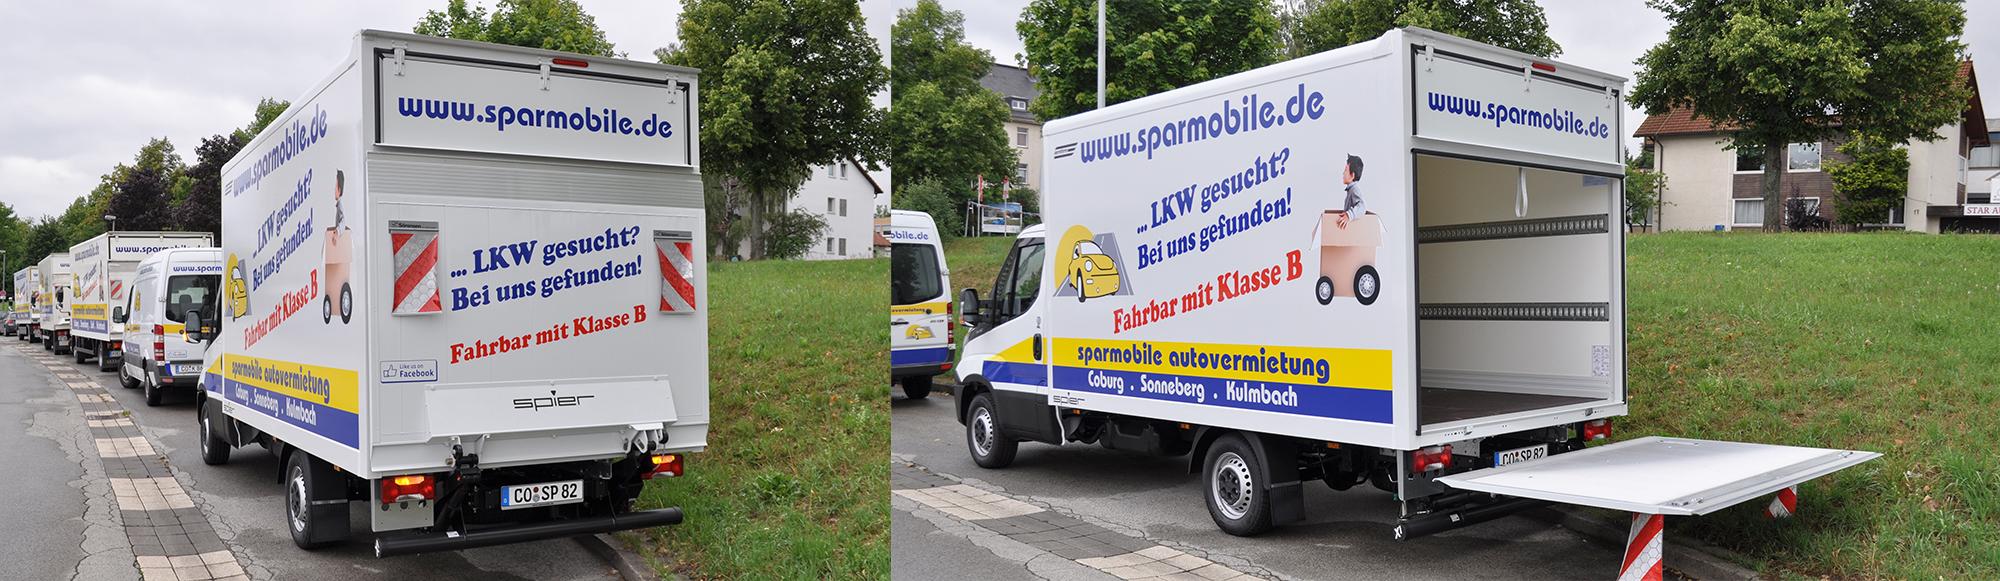 mietwagen transporter iveco daily koffer sparmobile. Black Bedroom Furniture Sets. Home Design Ideas